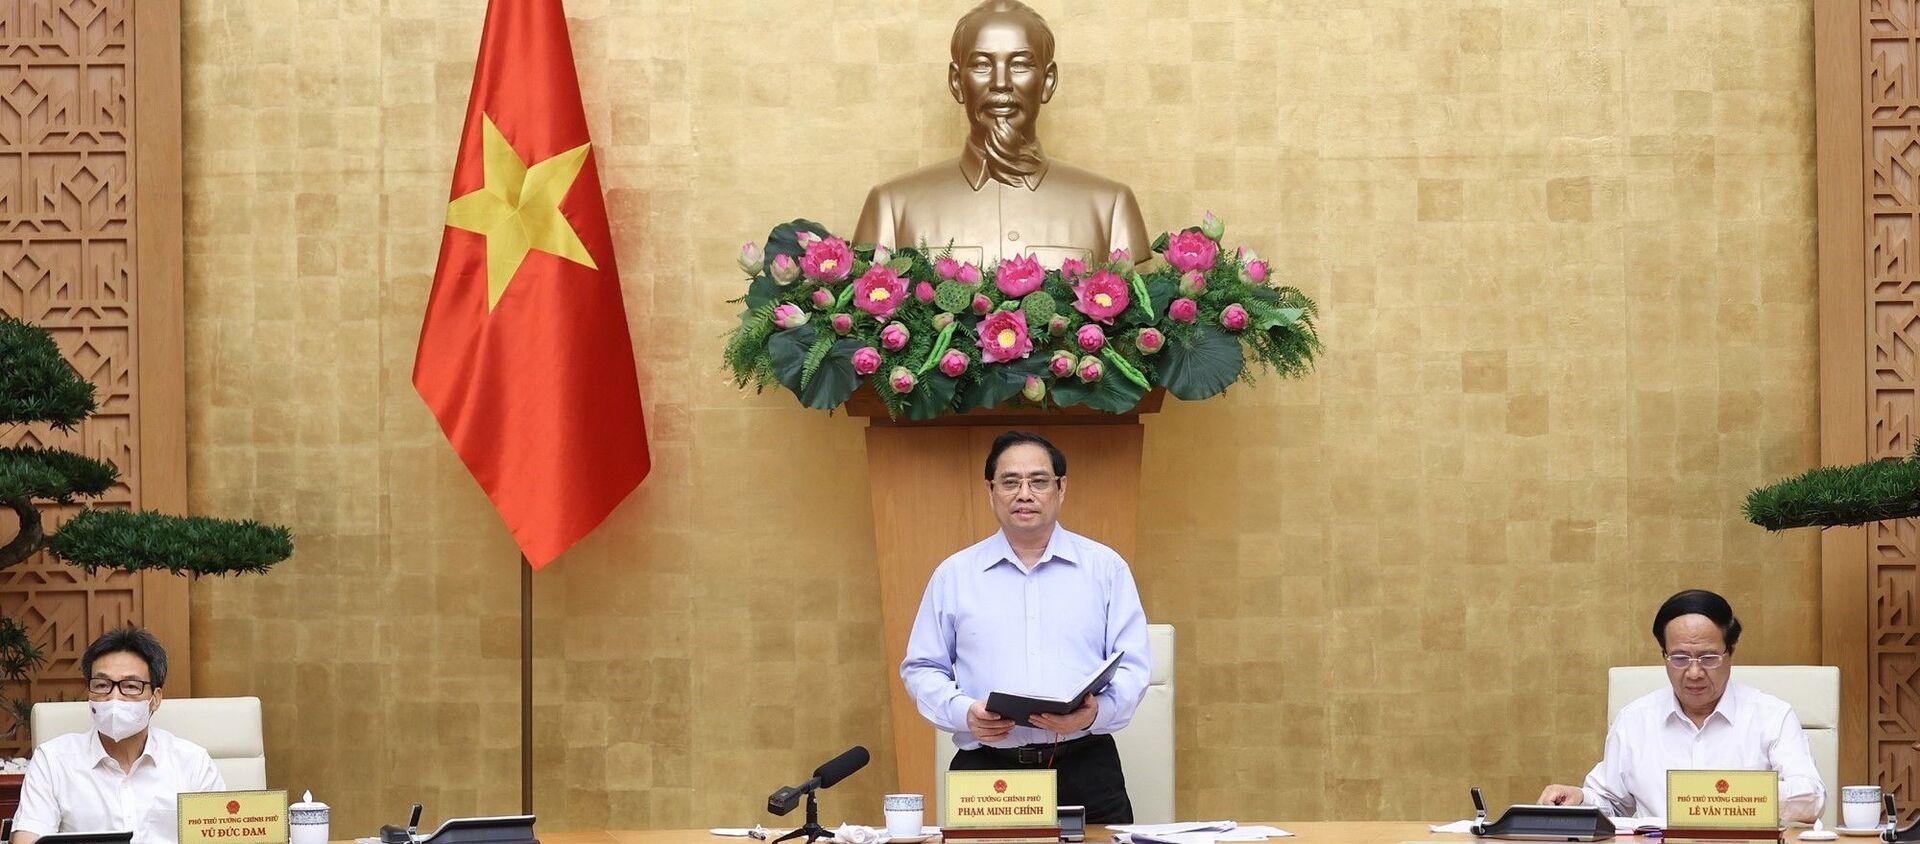 Thủ tướng Phạm Minh Chính chủ trì hội nghị trực tuyến với các tỉnh, thành phía Nam triển khai các biện pháp cấp bách phòng, chống dịch COVID-19 - Sputnik Việt Nam, 1920, 15.07.2021